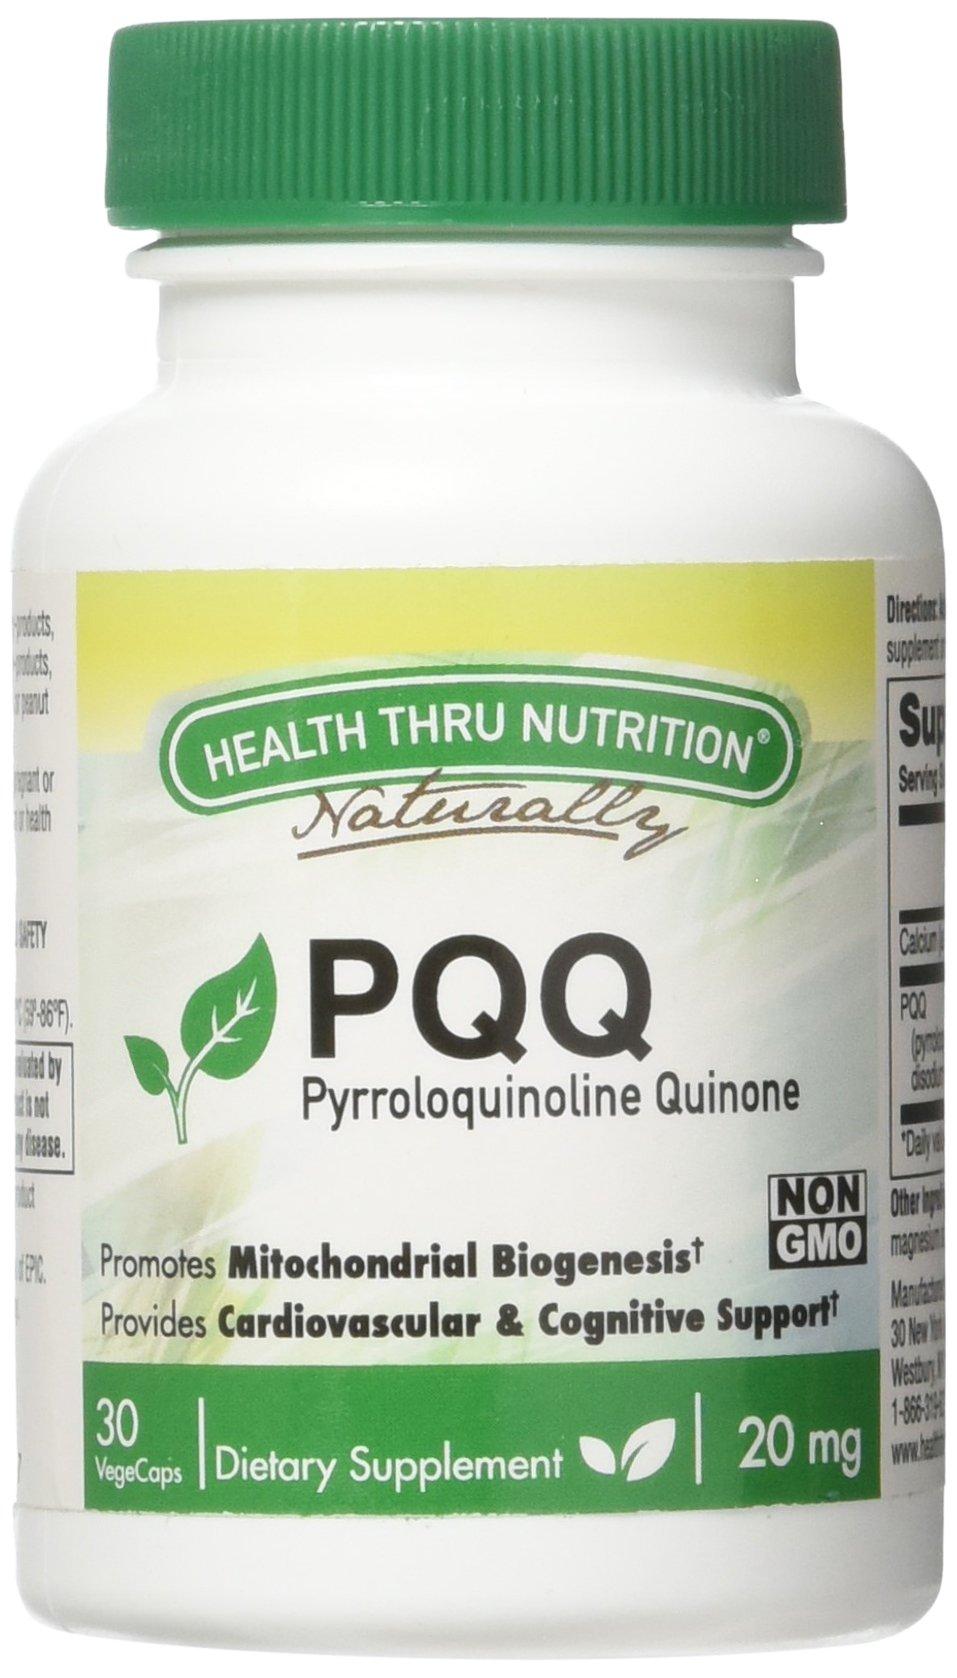 PQQ 20mg (Pyrroloquinoline Quinone) 30 vegecaps